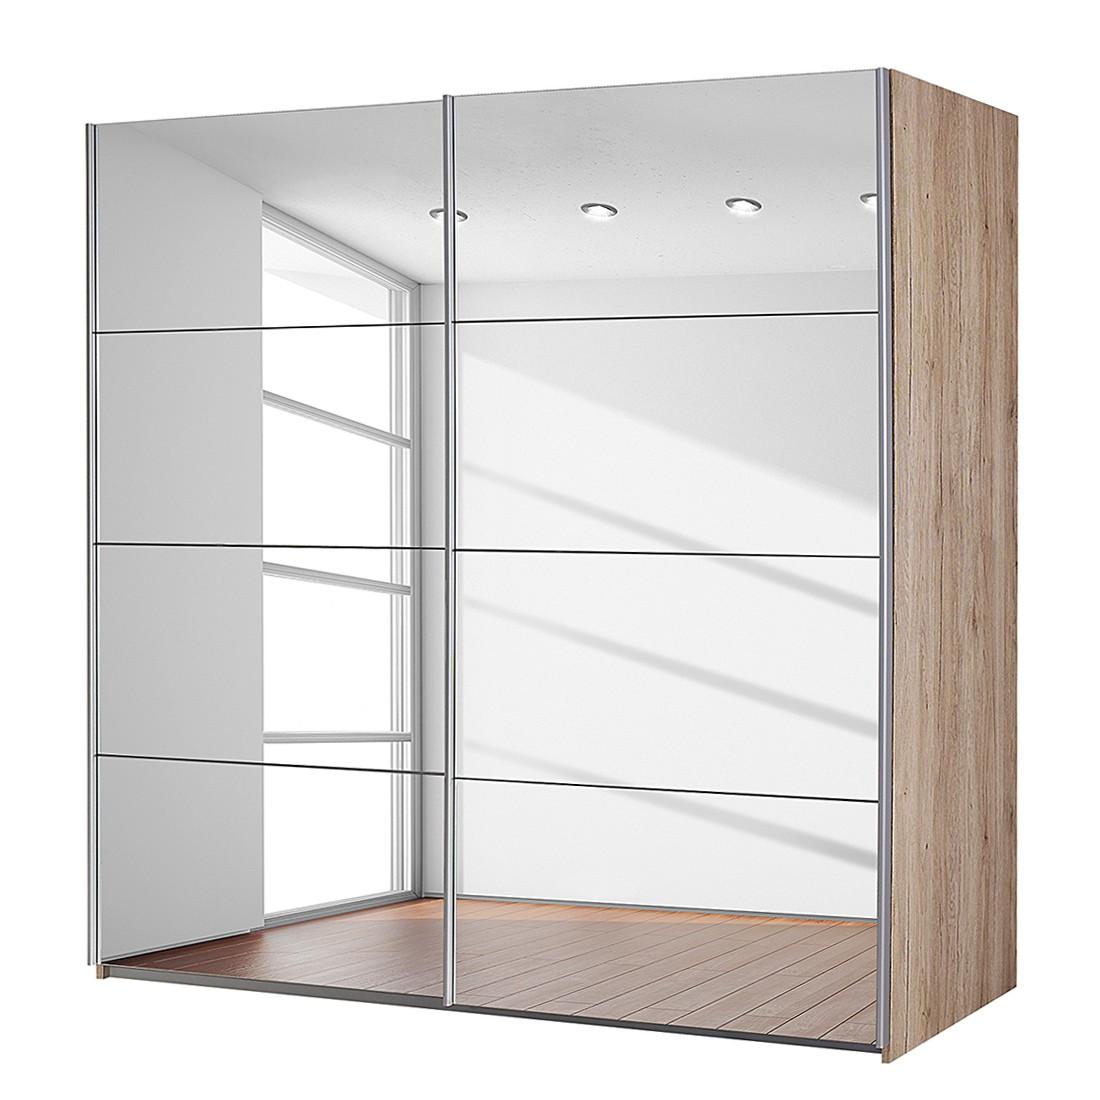 Schwebetürenschrank spiegel eiche  Schwebetürenschrank von Rauch Pack´s bei Home24 kaufen | Home24